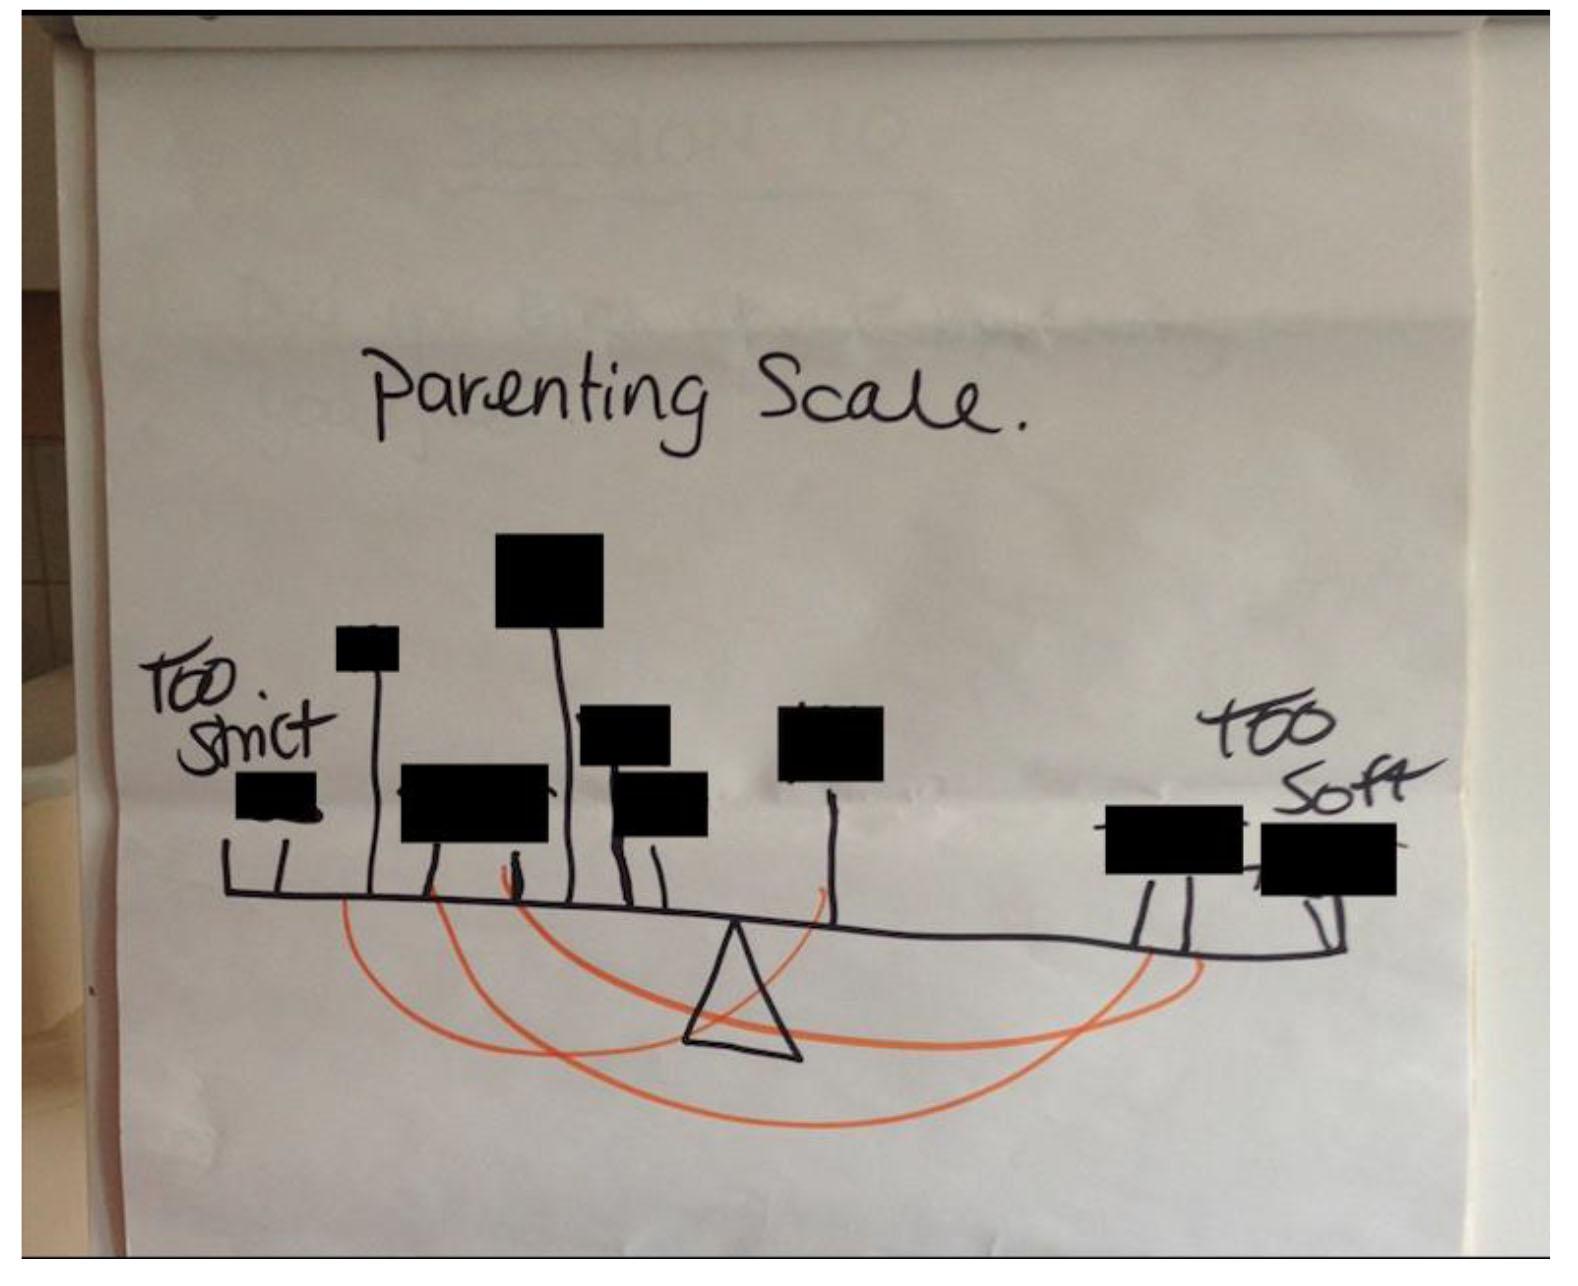 Parenting scale diagram